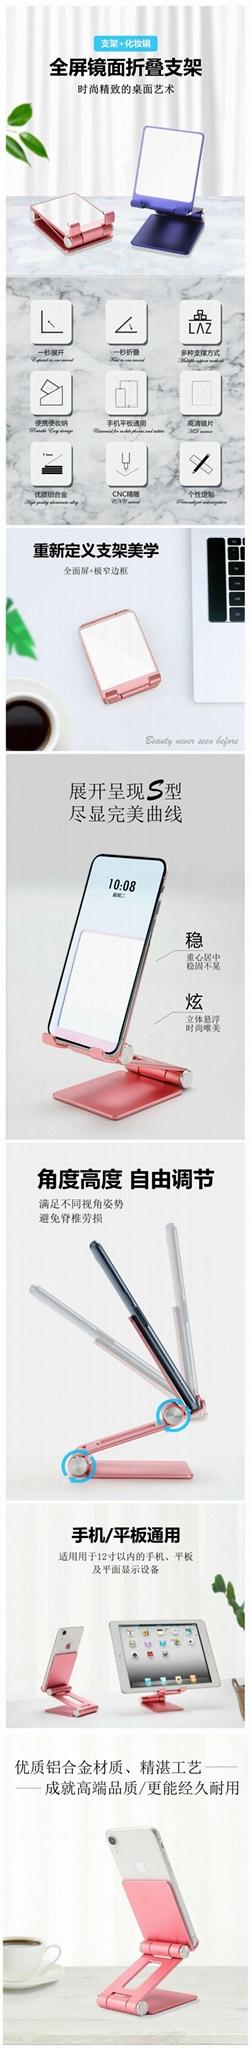 新款1秒桌面折叠铝合金手机平板懒人支架礼品定制支架 10